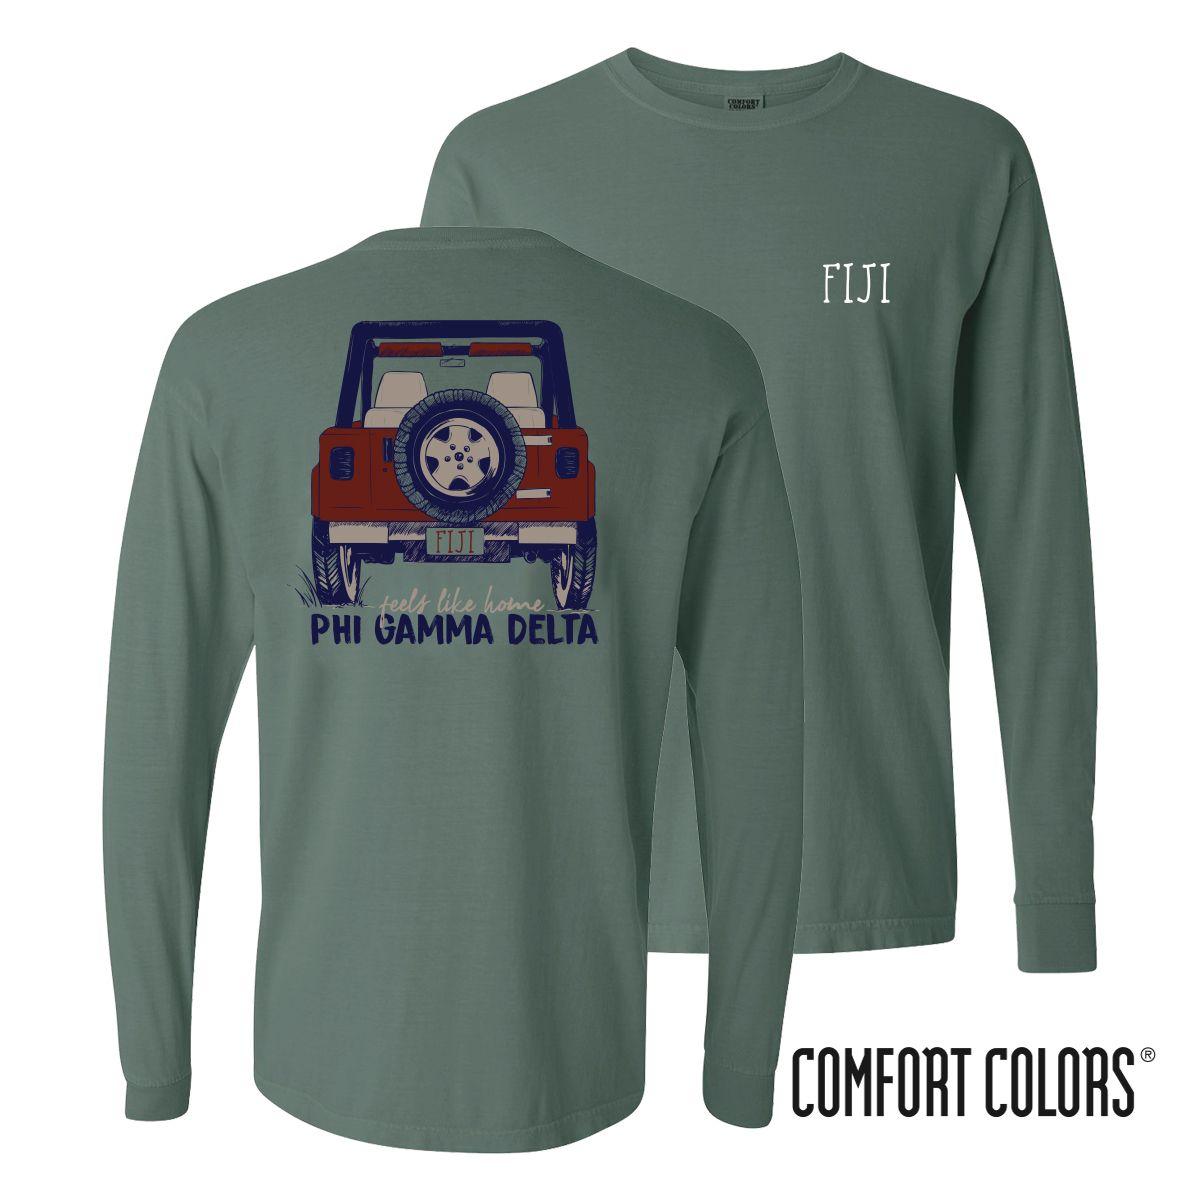 a47af7e2 New! FIJI Comfort Colors Jeep Long Sleeve Tee | Phi Gamma Delta ...